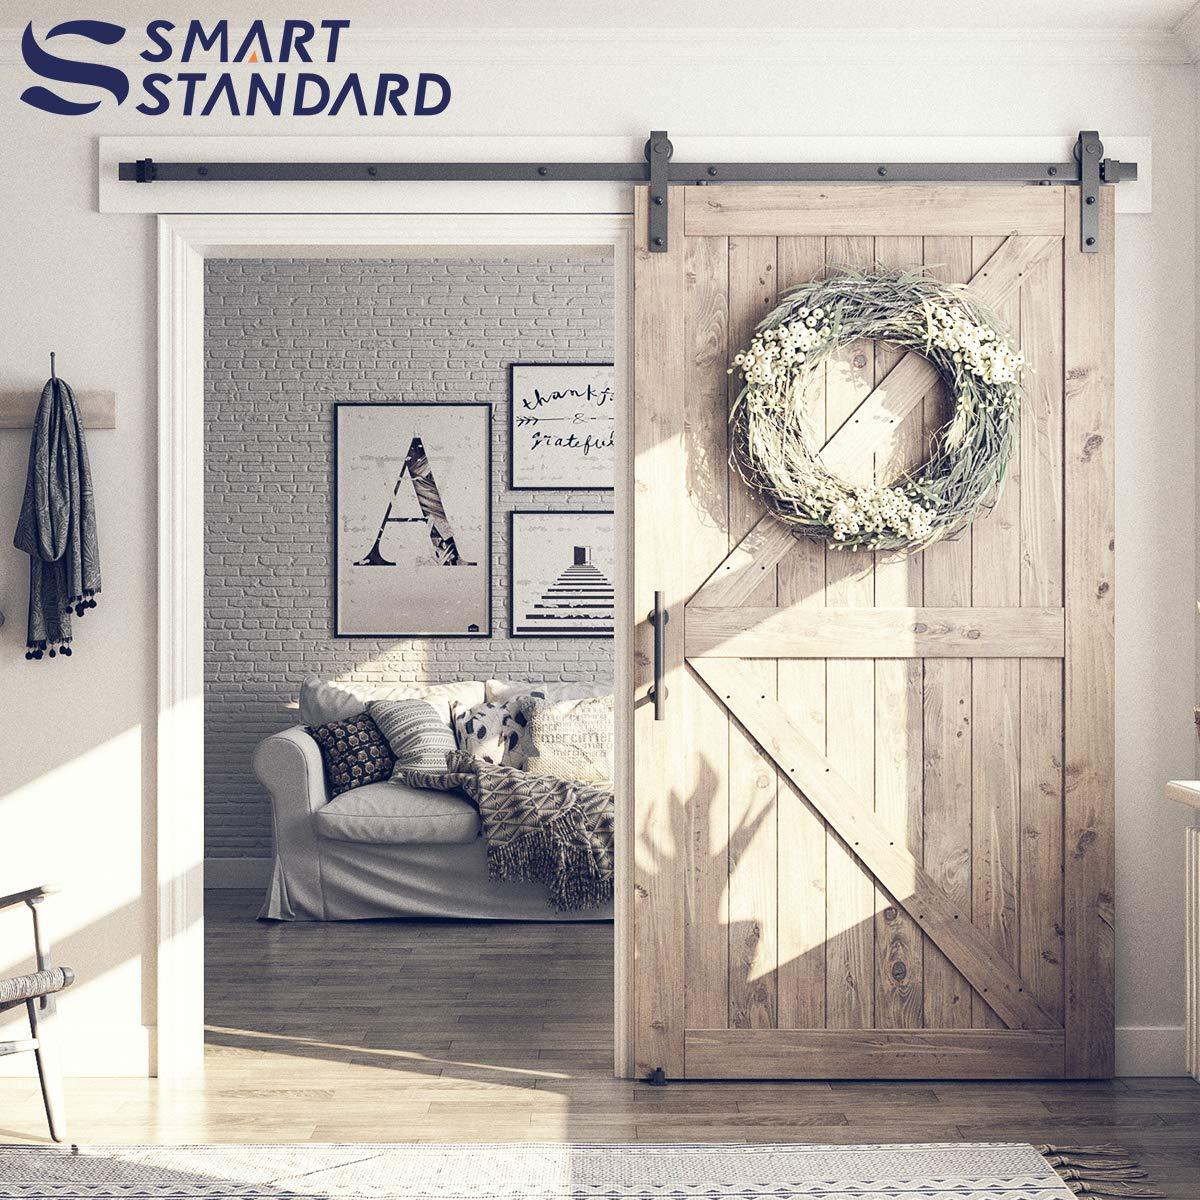 Kit de herramientas para puerta corredera de 2,4 m, barra única de 2,4 m, color negro, incluye un asa de puerta, una guía de suelo y un bloqueo de puerta, para panel